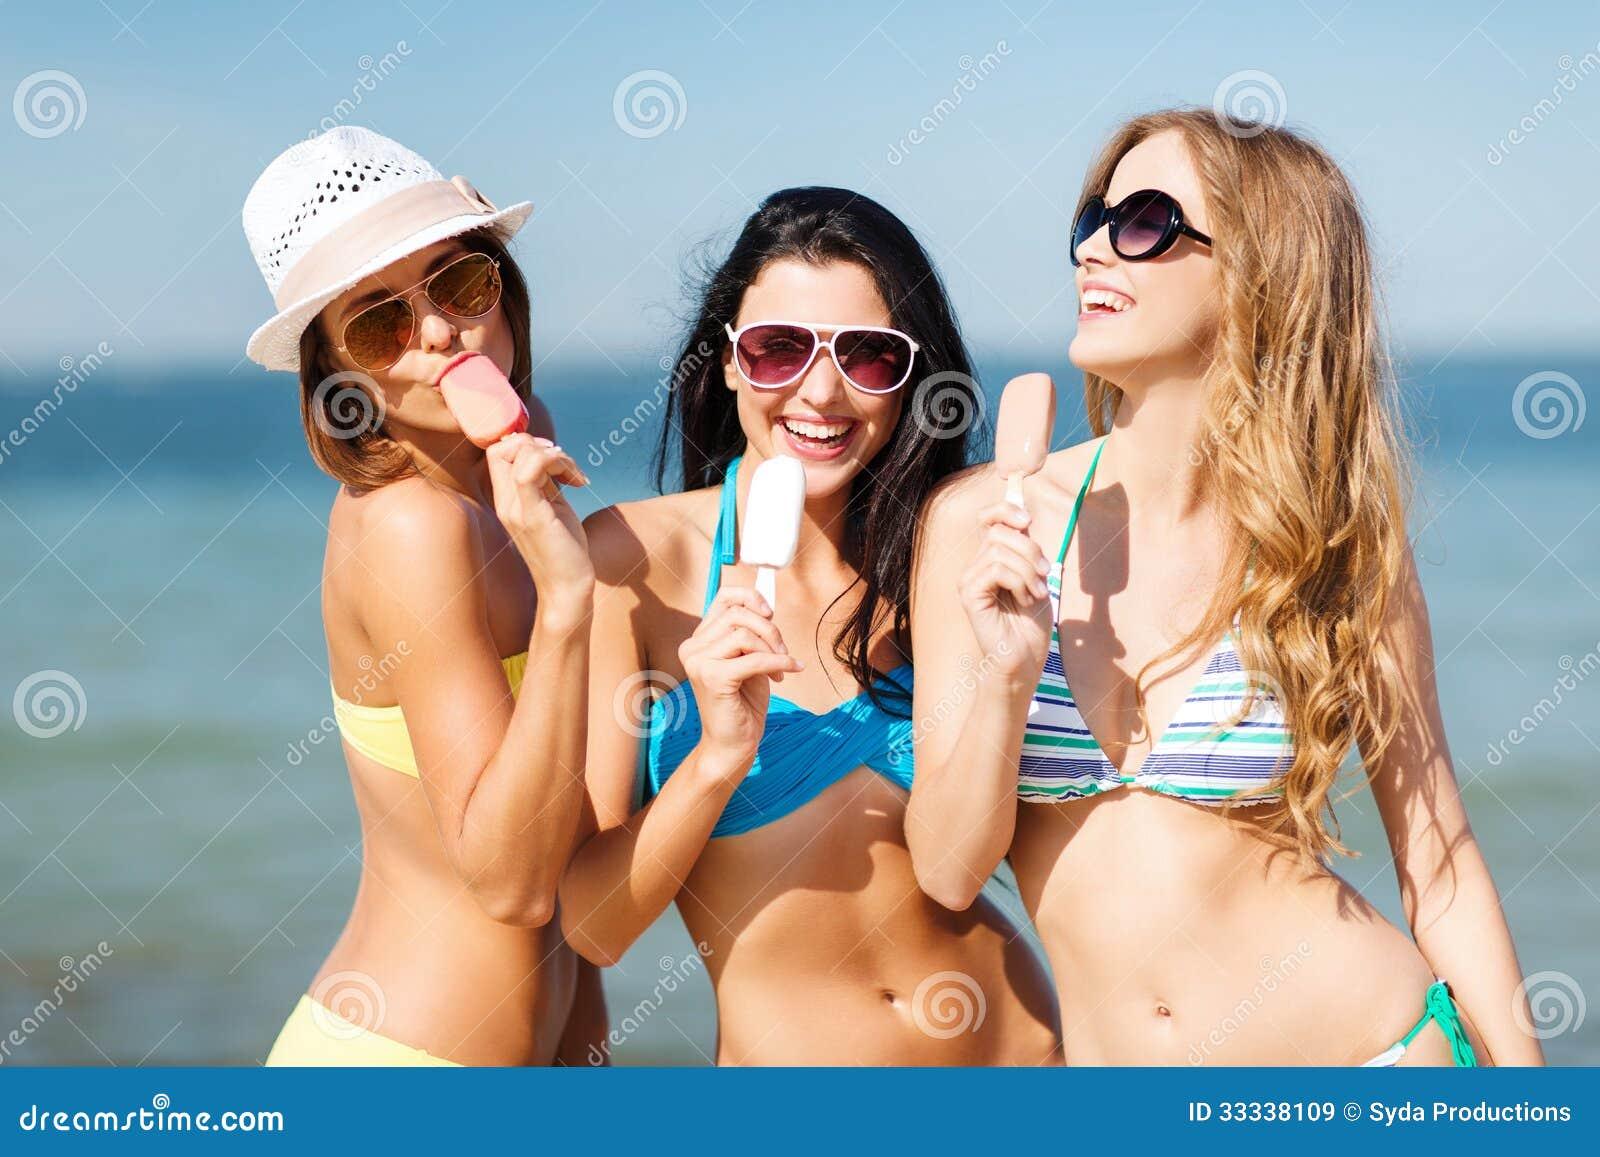 Девушки подруги на пляже фото